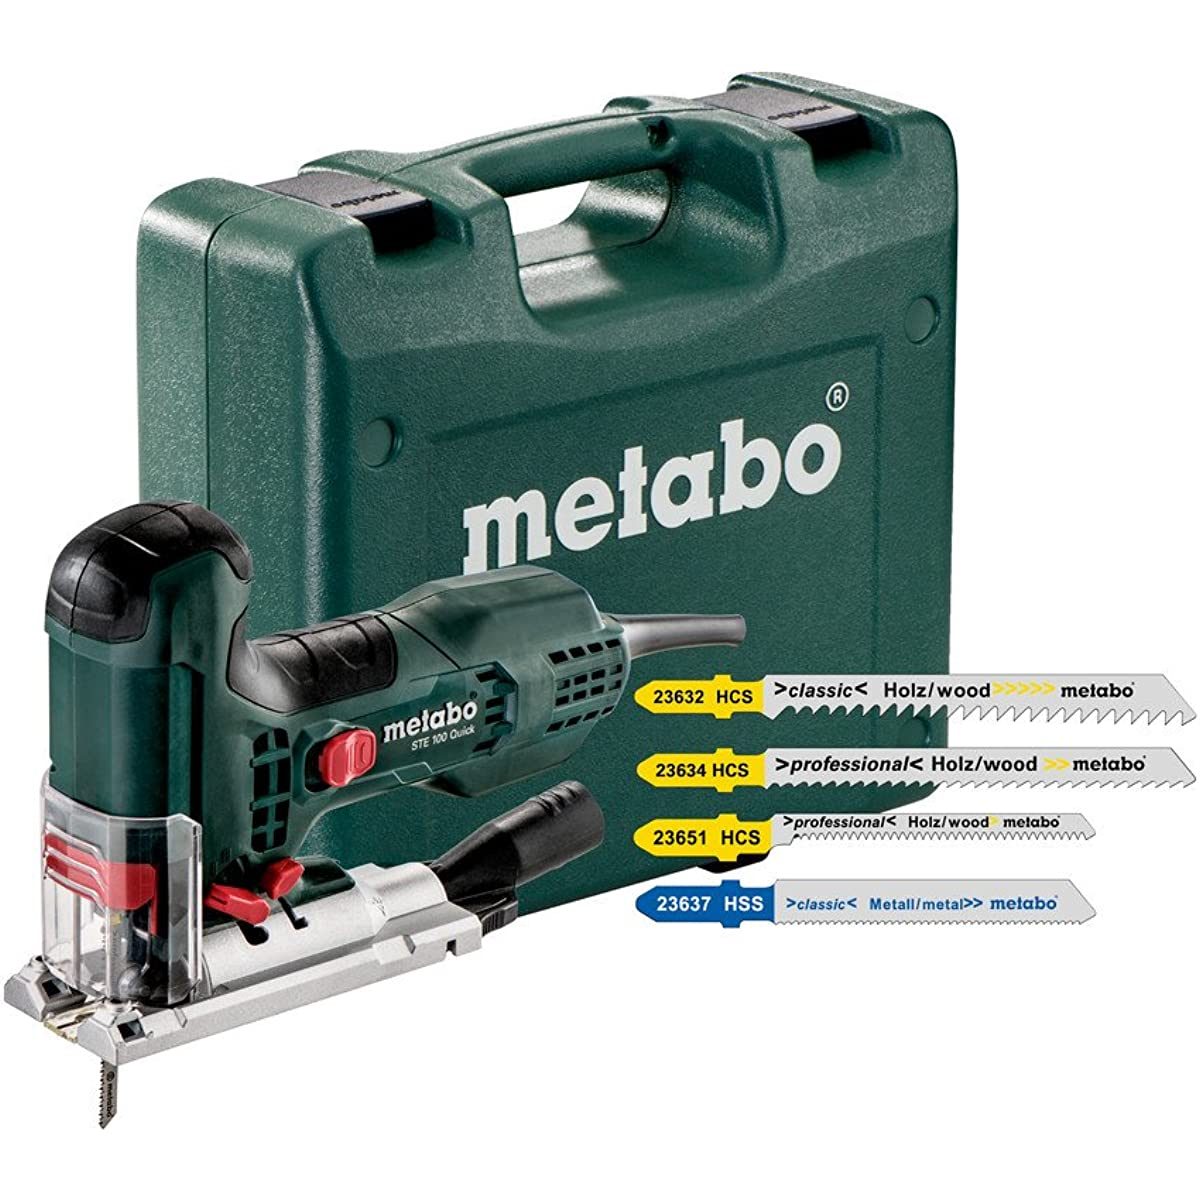 Metabo 601100900